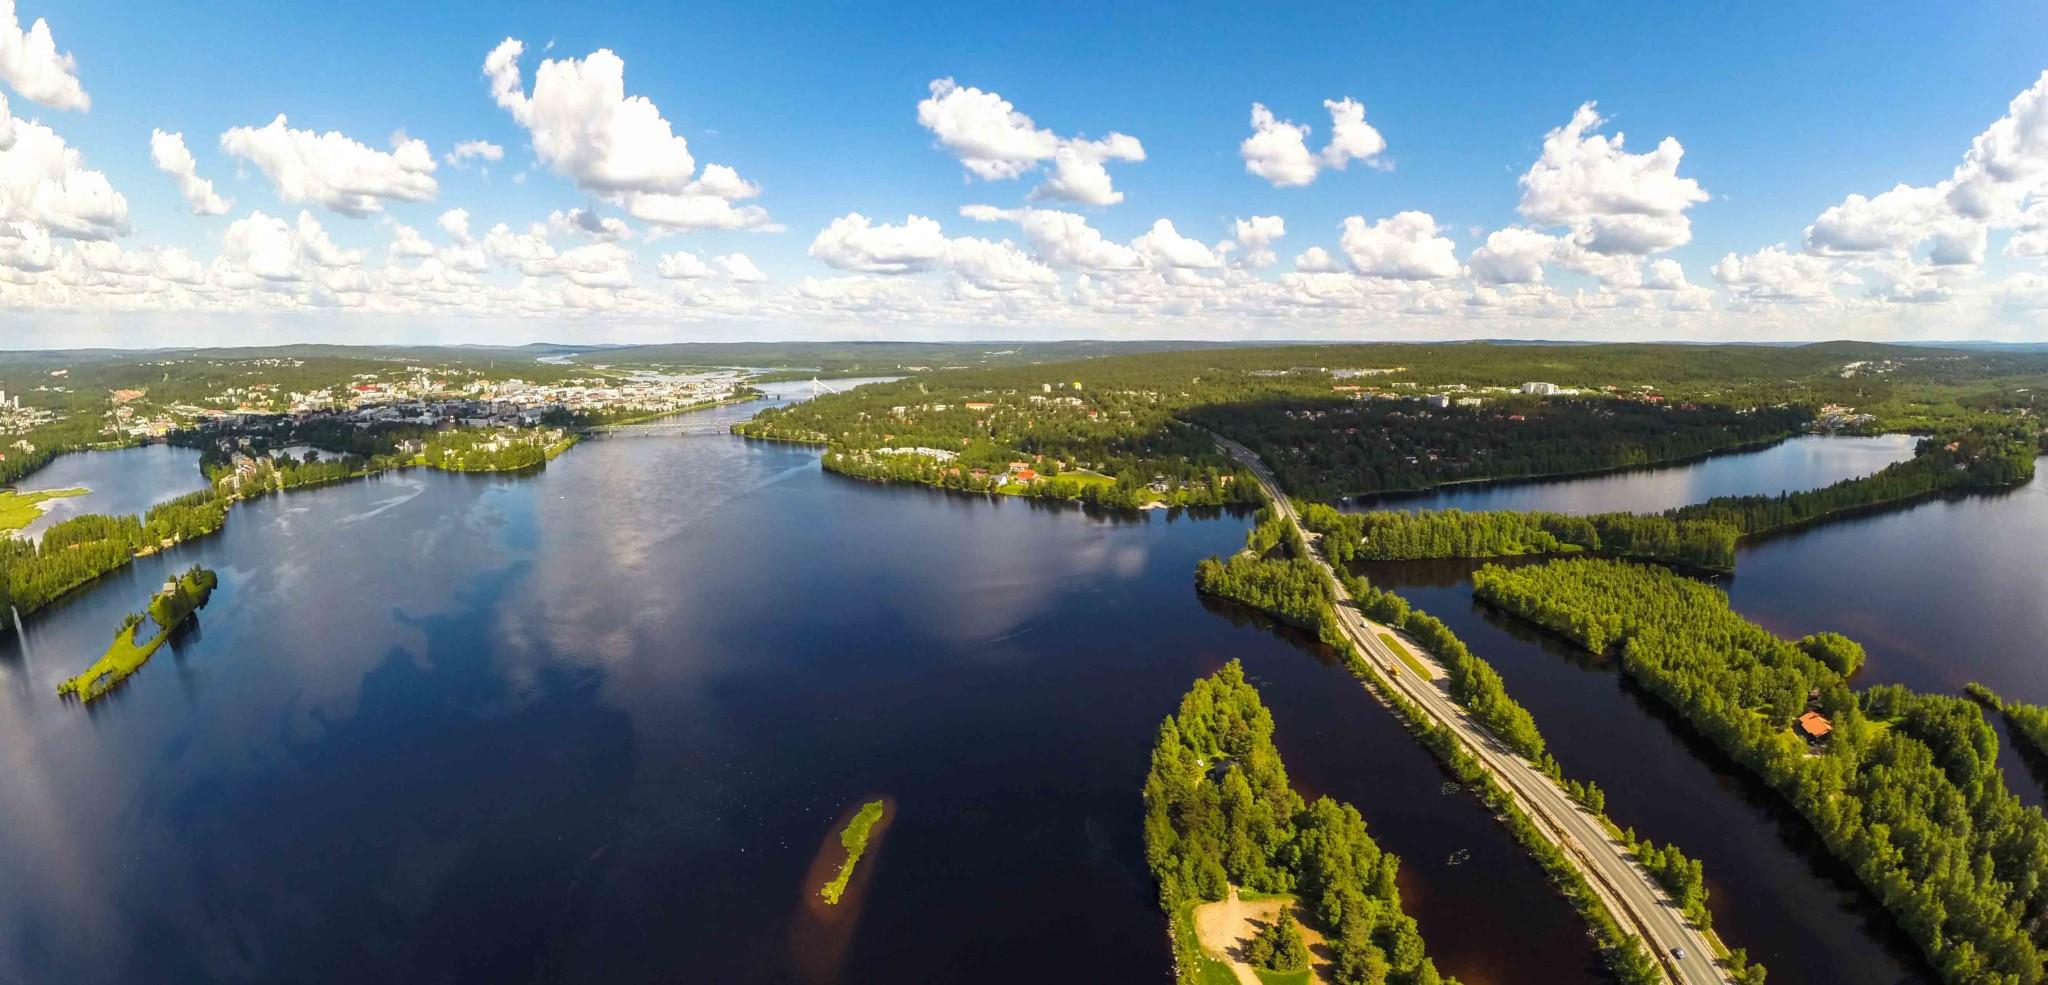 Visit Rovaniemi ilmakuva Jani Ylinampa Rovaniemi Lapland Nature